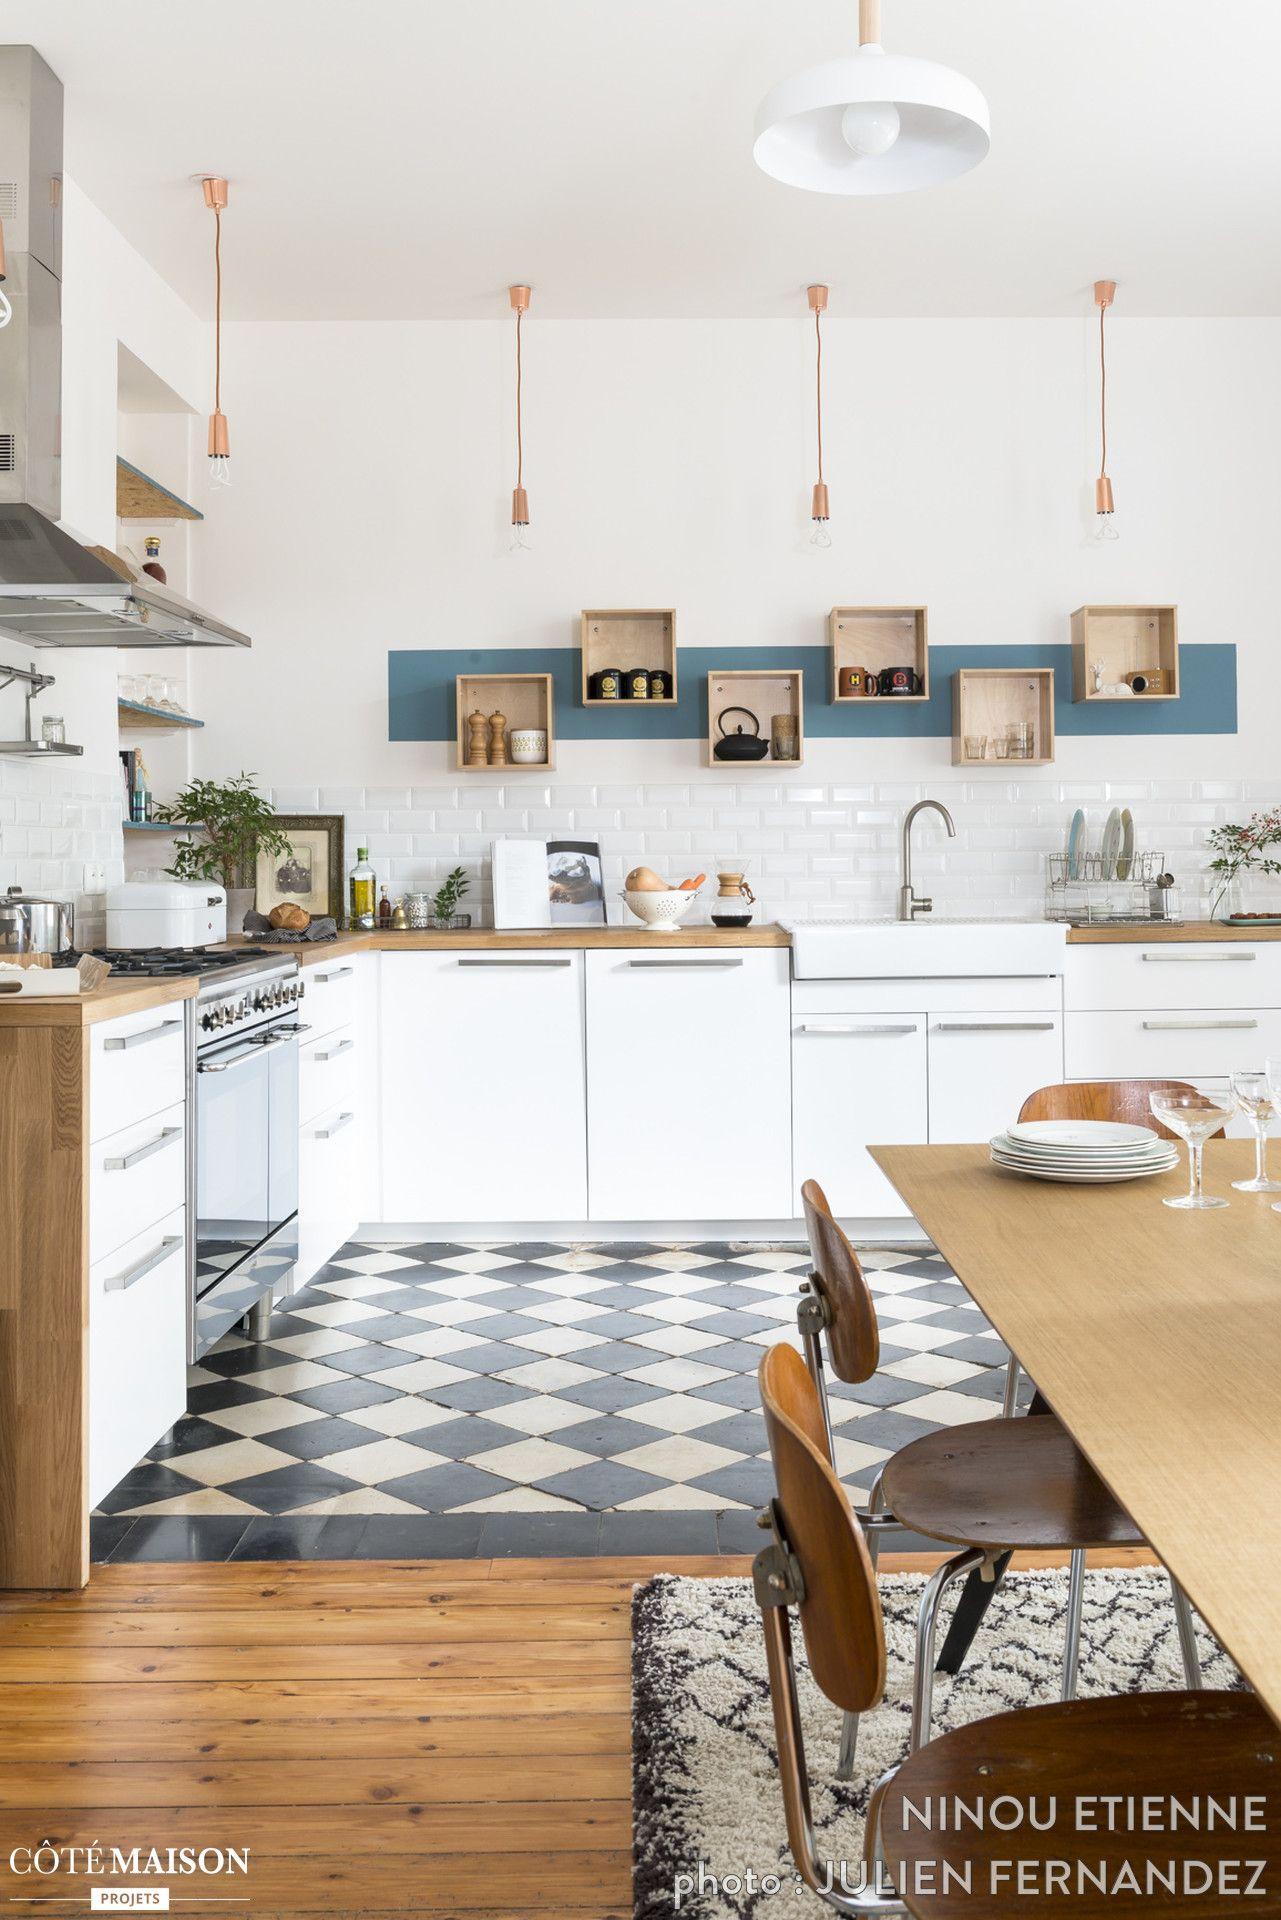 Cuisine carreaux ciment : 12 photos de cuisines tendance | Kitchen ...